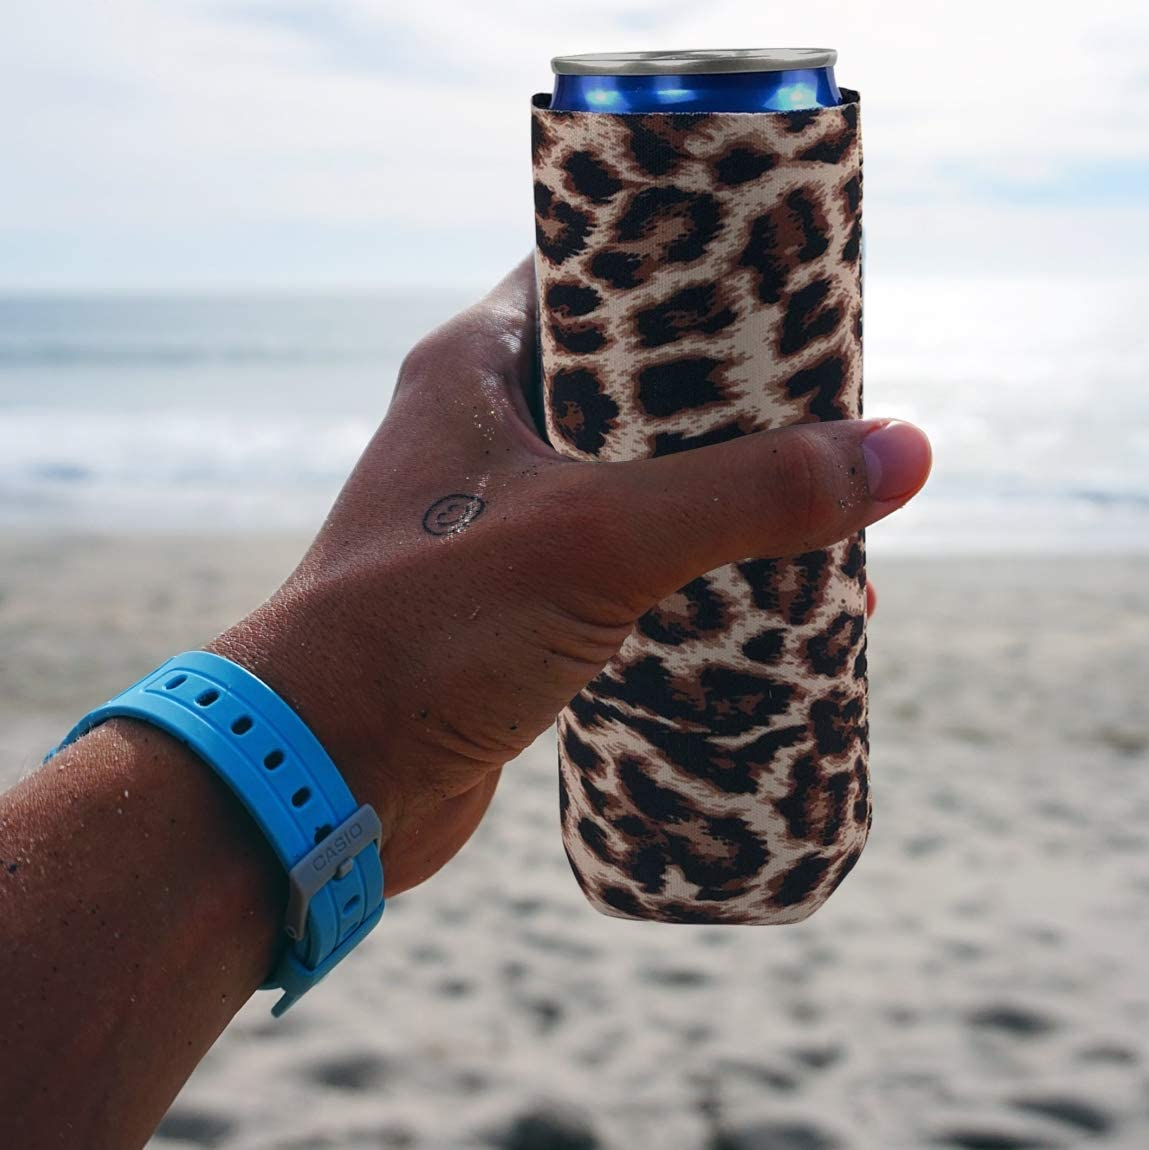 Neoprene Slim Beer Can Koozie Sleeves Cooler Foldable Stubby Beer Cooler Party Insulators Bags Fits 12oz Slim Energy Drink Beer Cans Koozies Covers